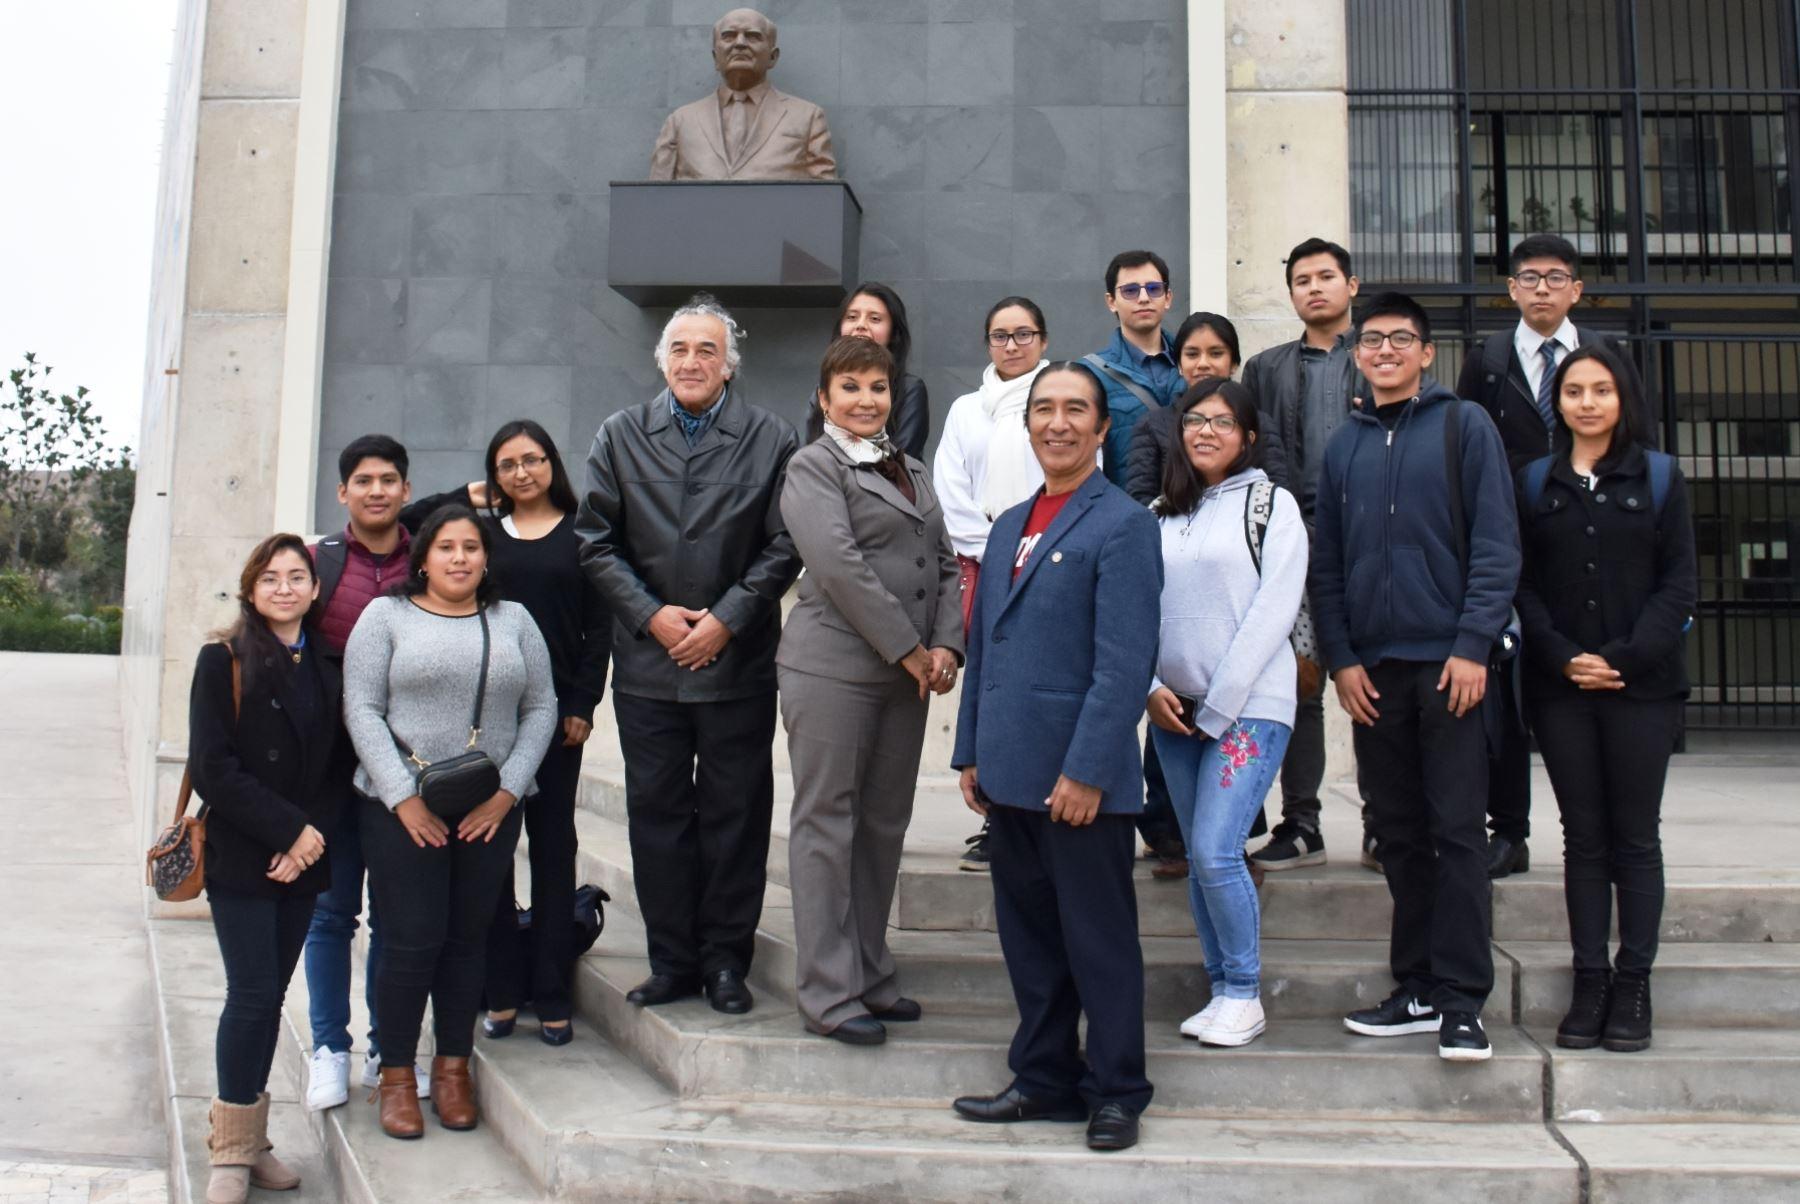 Sanmarquinos que viajaron a Harvard presentaron innovadores proyectos. Foto: ANDINA/Difusión.